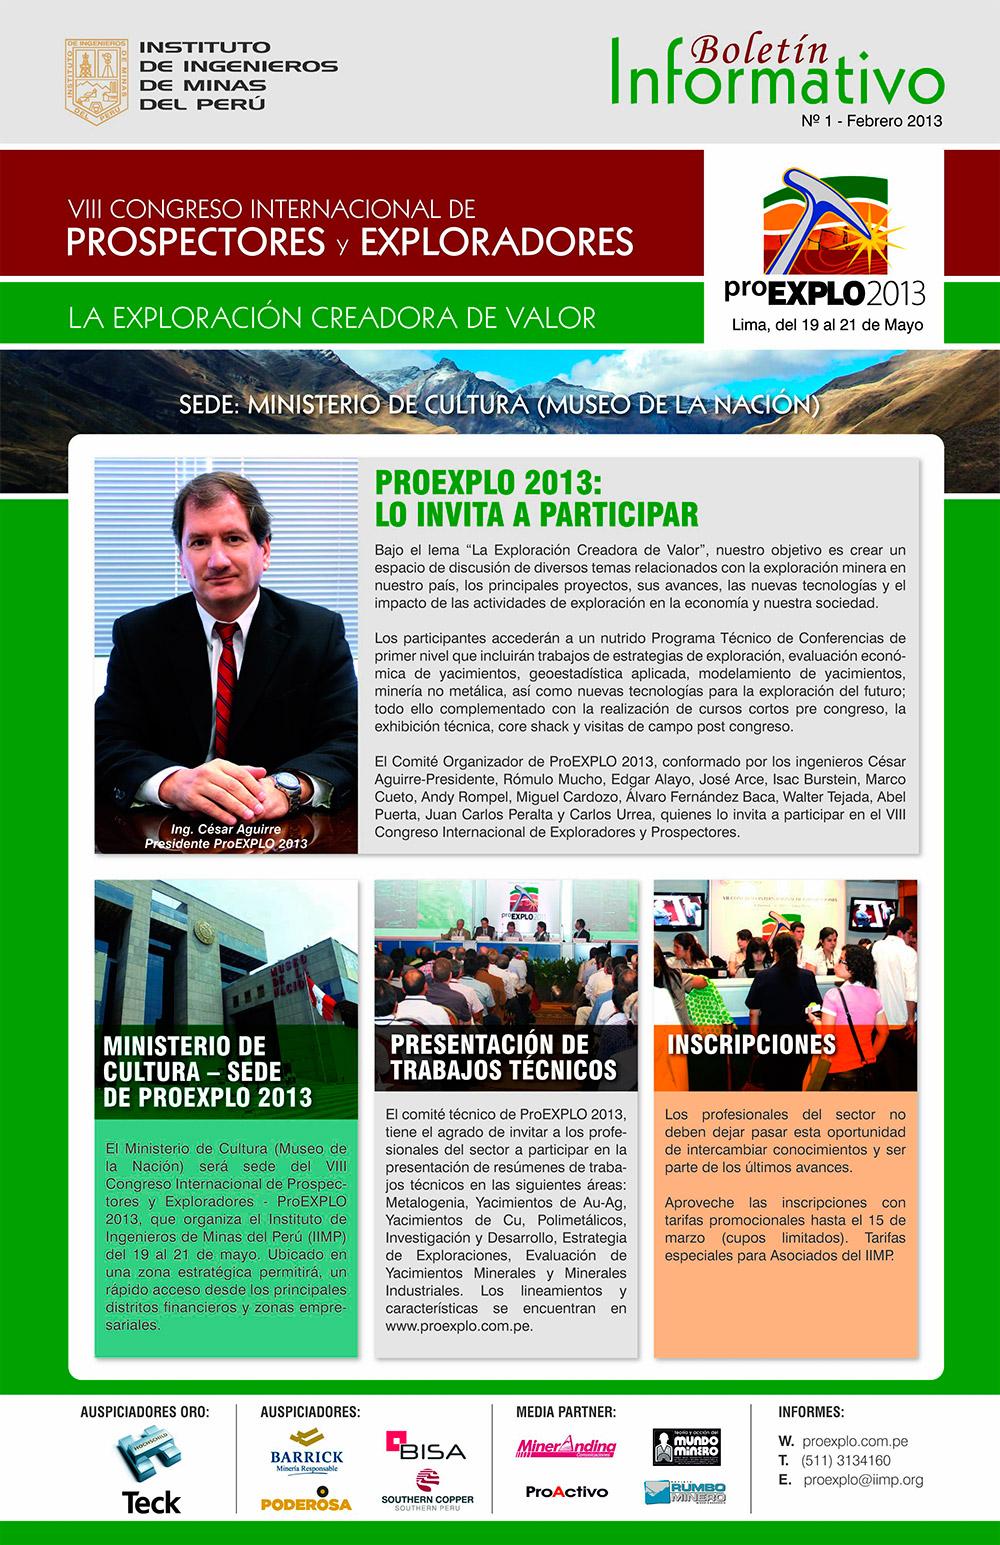 PROEXPLO 2013 - Boletín